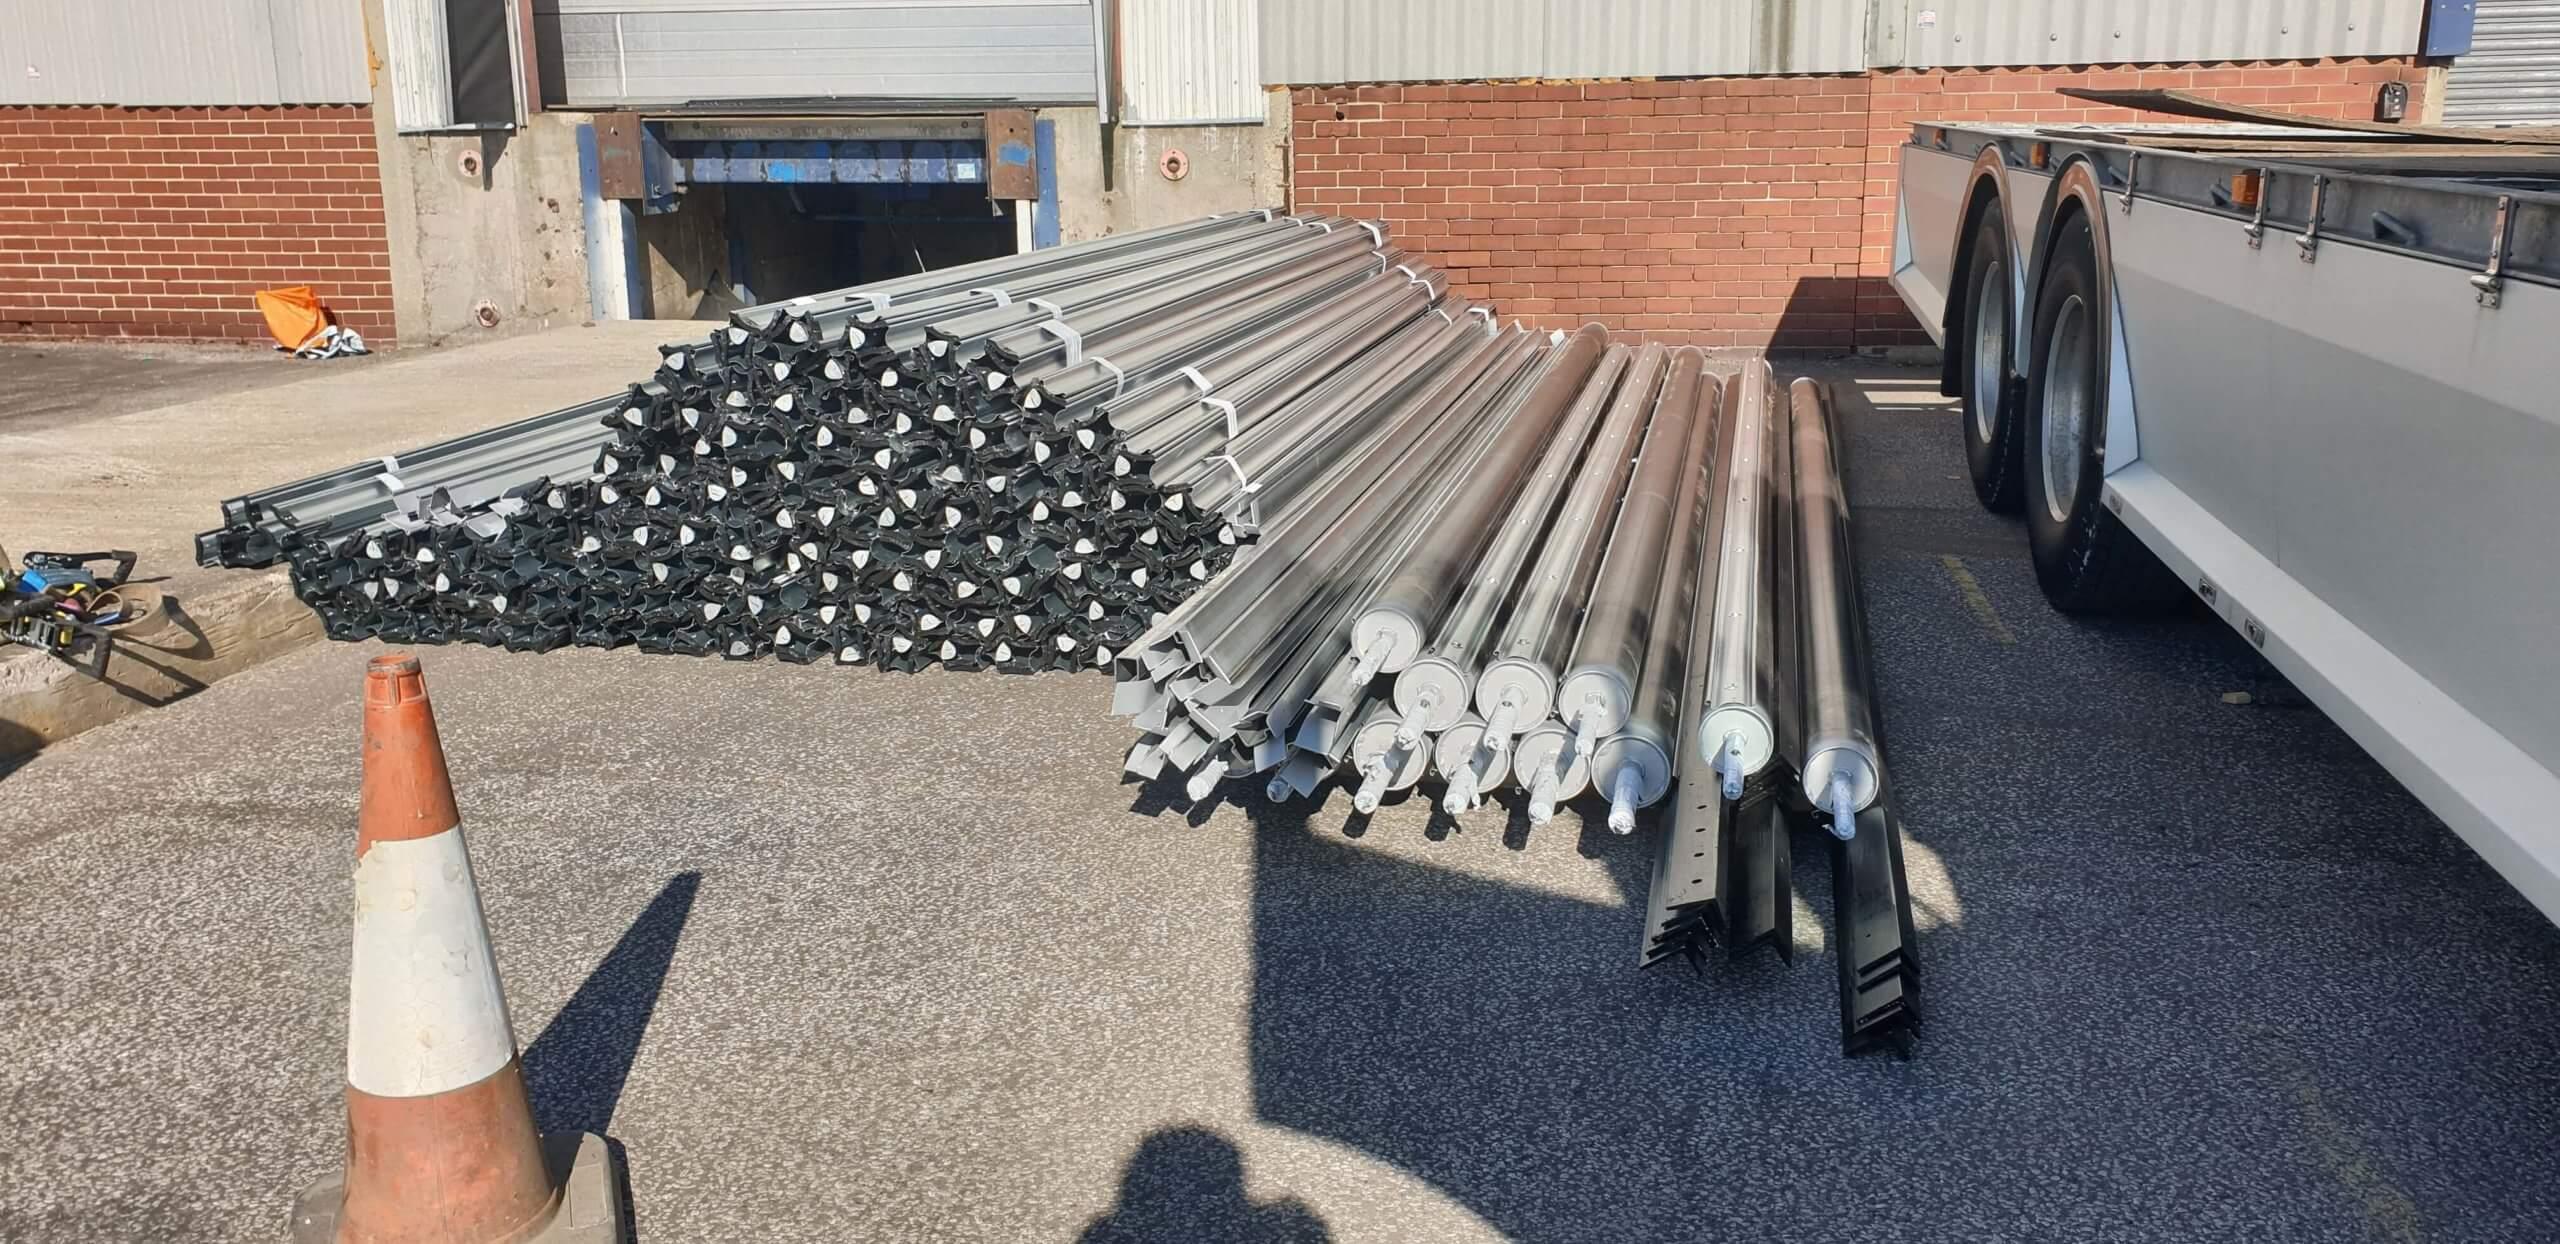 Industrial Roller Shutter Installation Doncaster 7 scaled Industrial Roller Shutter Installation - Doncaster